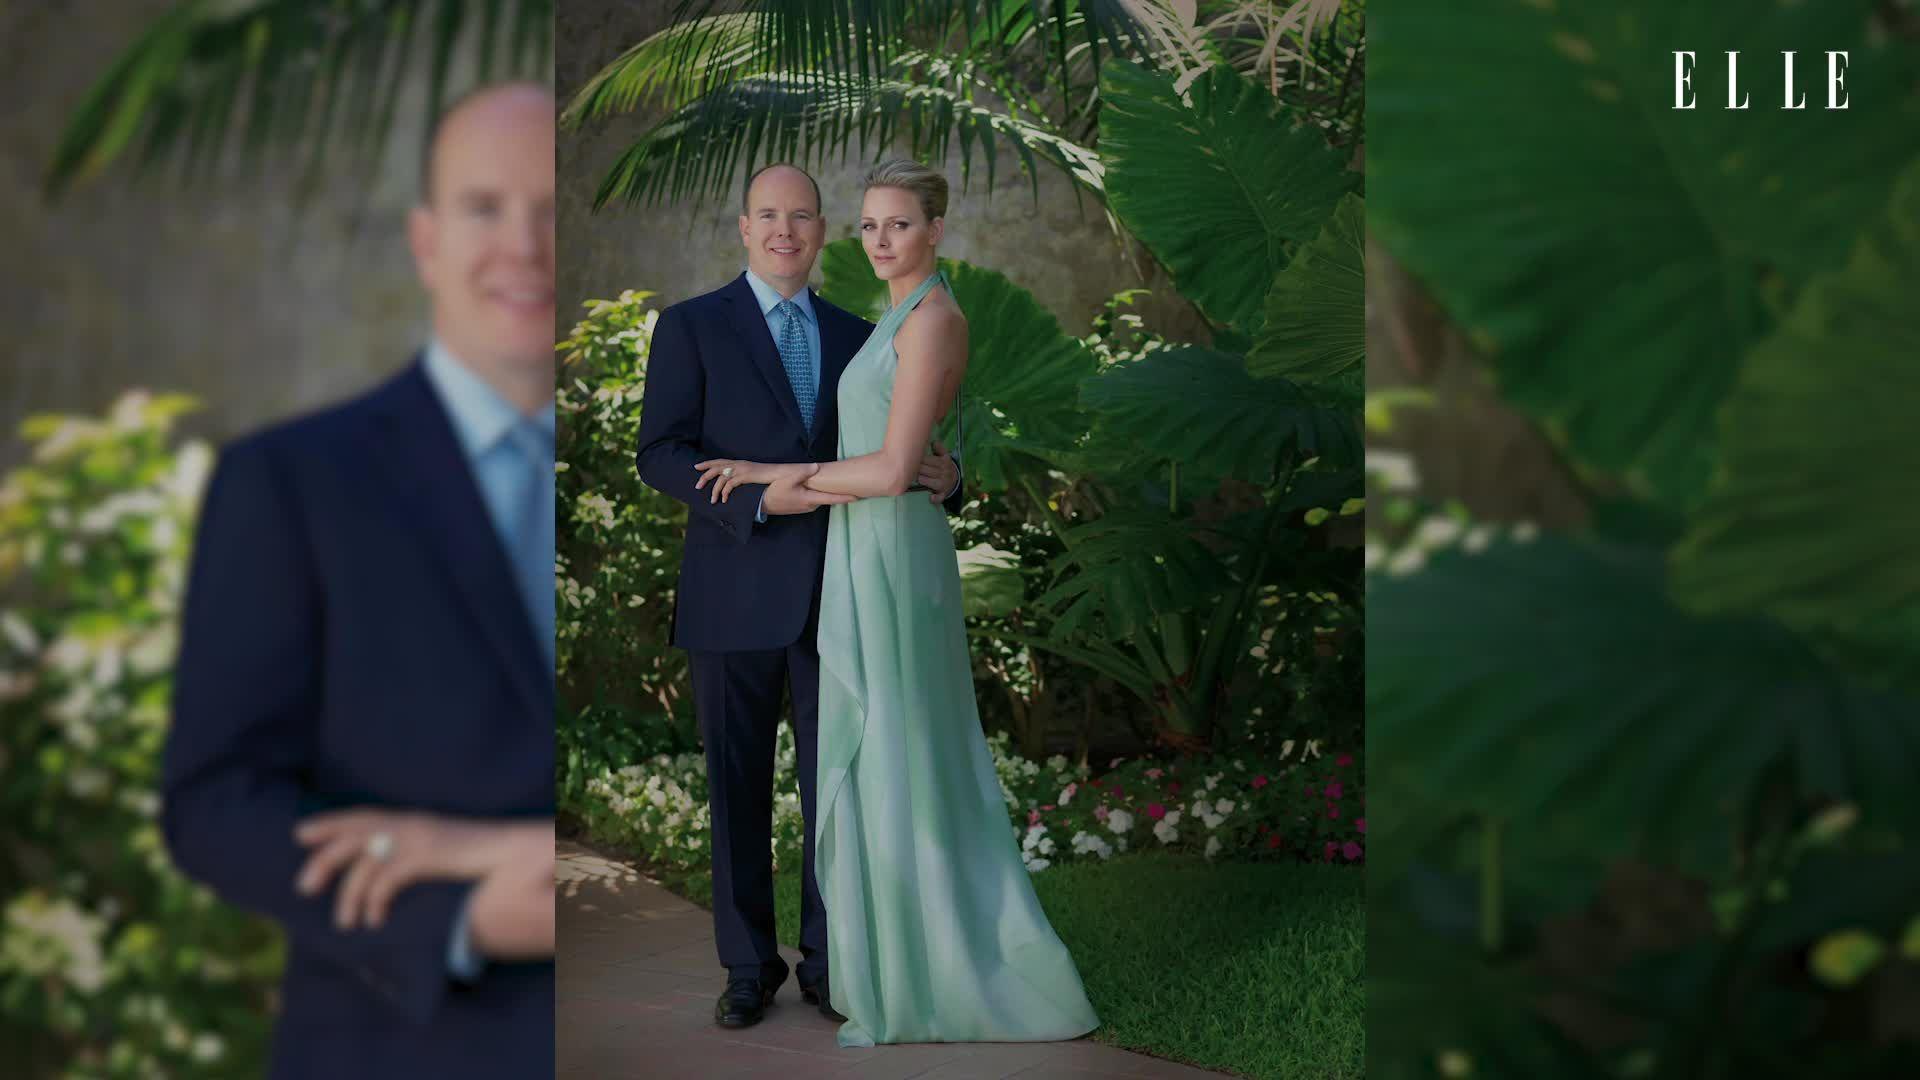 C'era una volta un sì... Il matrimonio di Alberto e Charlène di Monaco in un podcast esclusivo